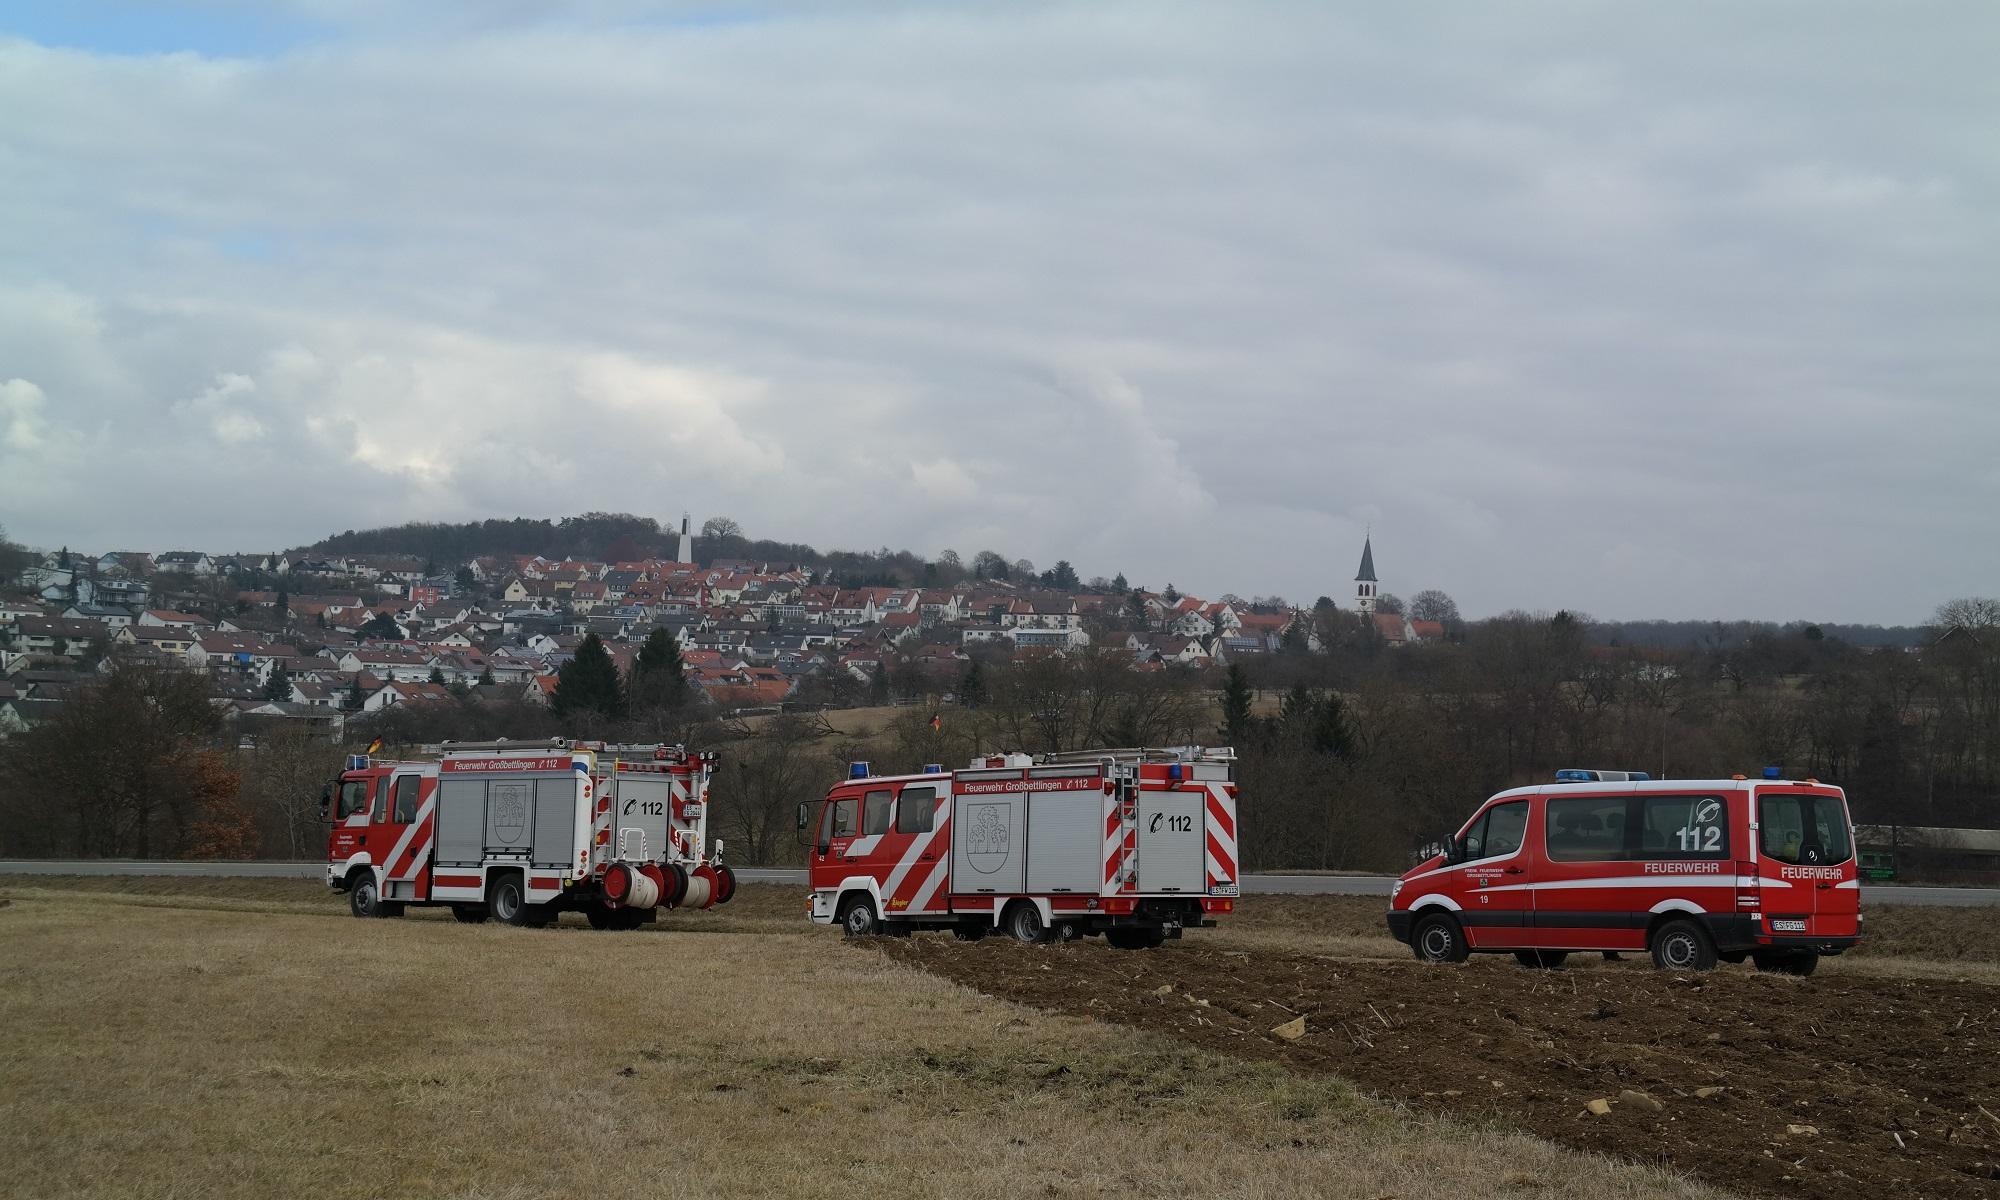 Feuerwehr Großbettlingen